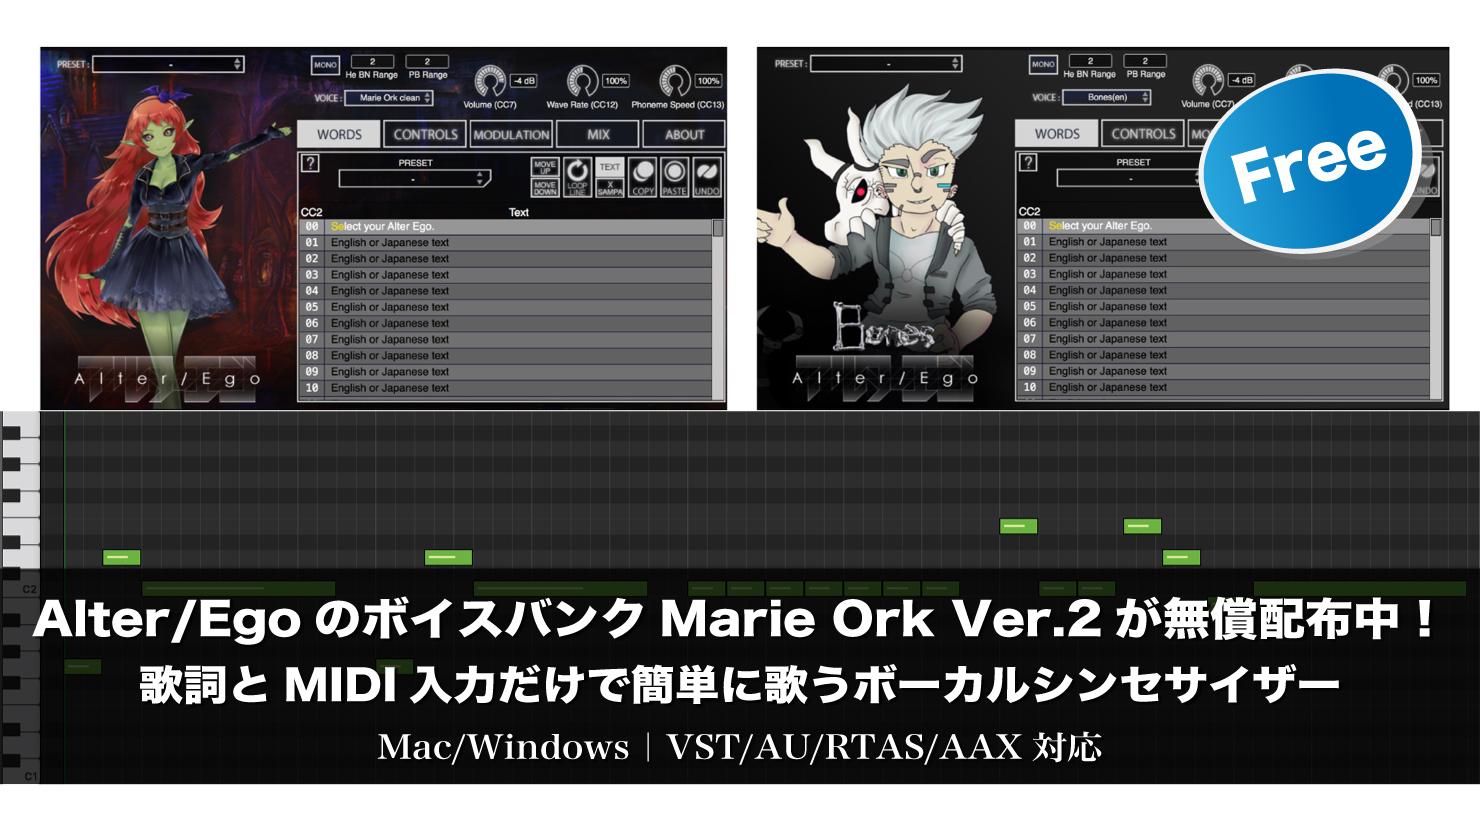 【無料】歌詞とMIDI入力だけで簡単に歌うボーカルシンセ「Alter/Ego」のボイスバンク「Marie Ork」Ver.2が無償配布中!